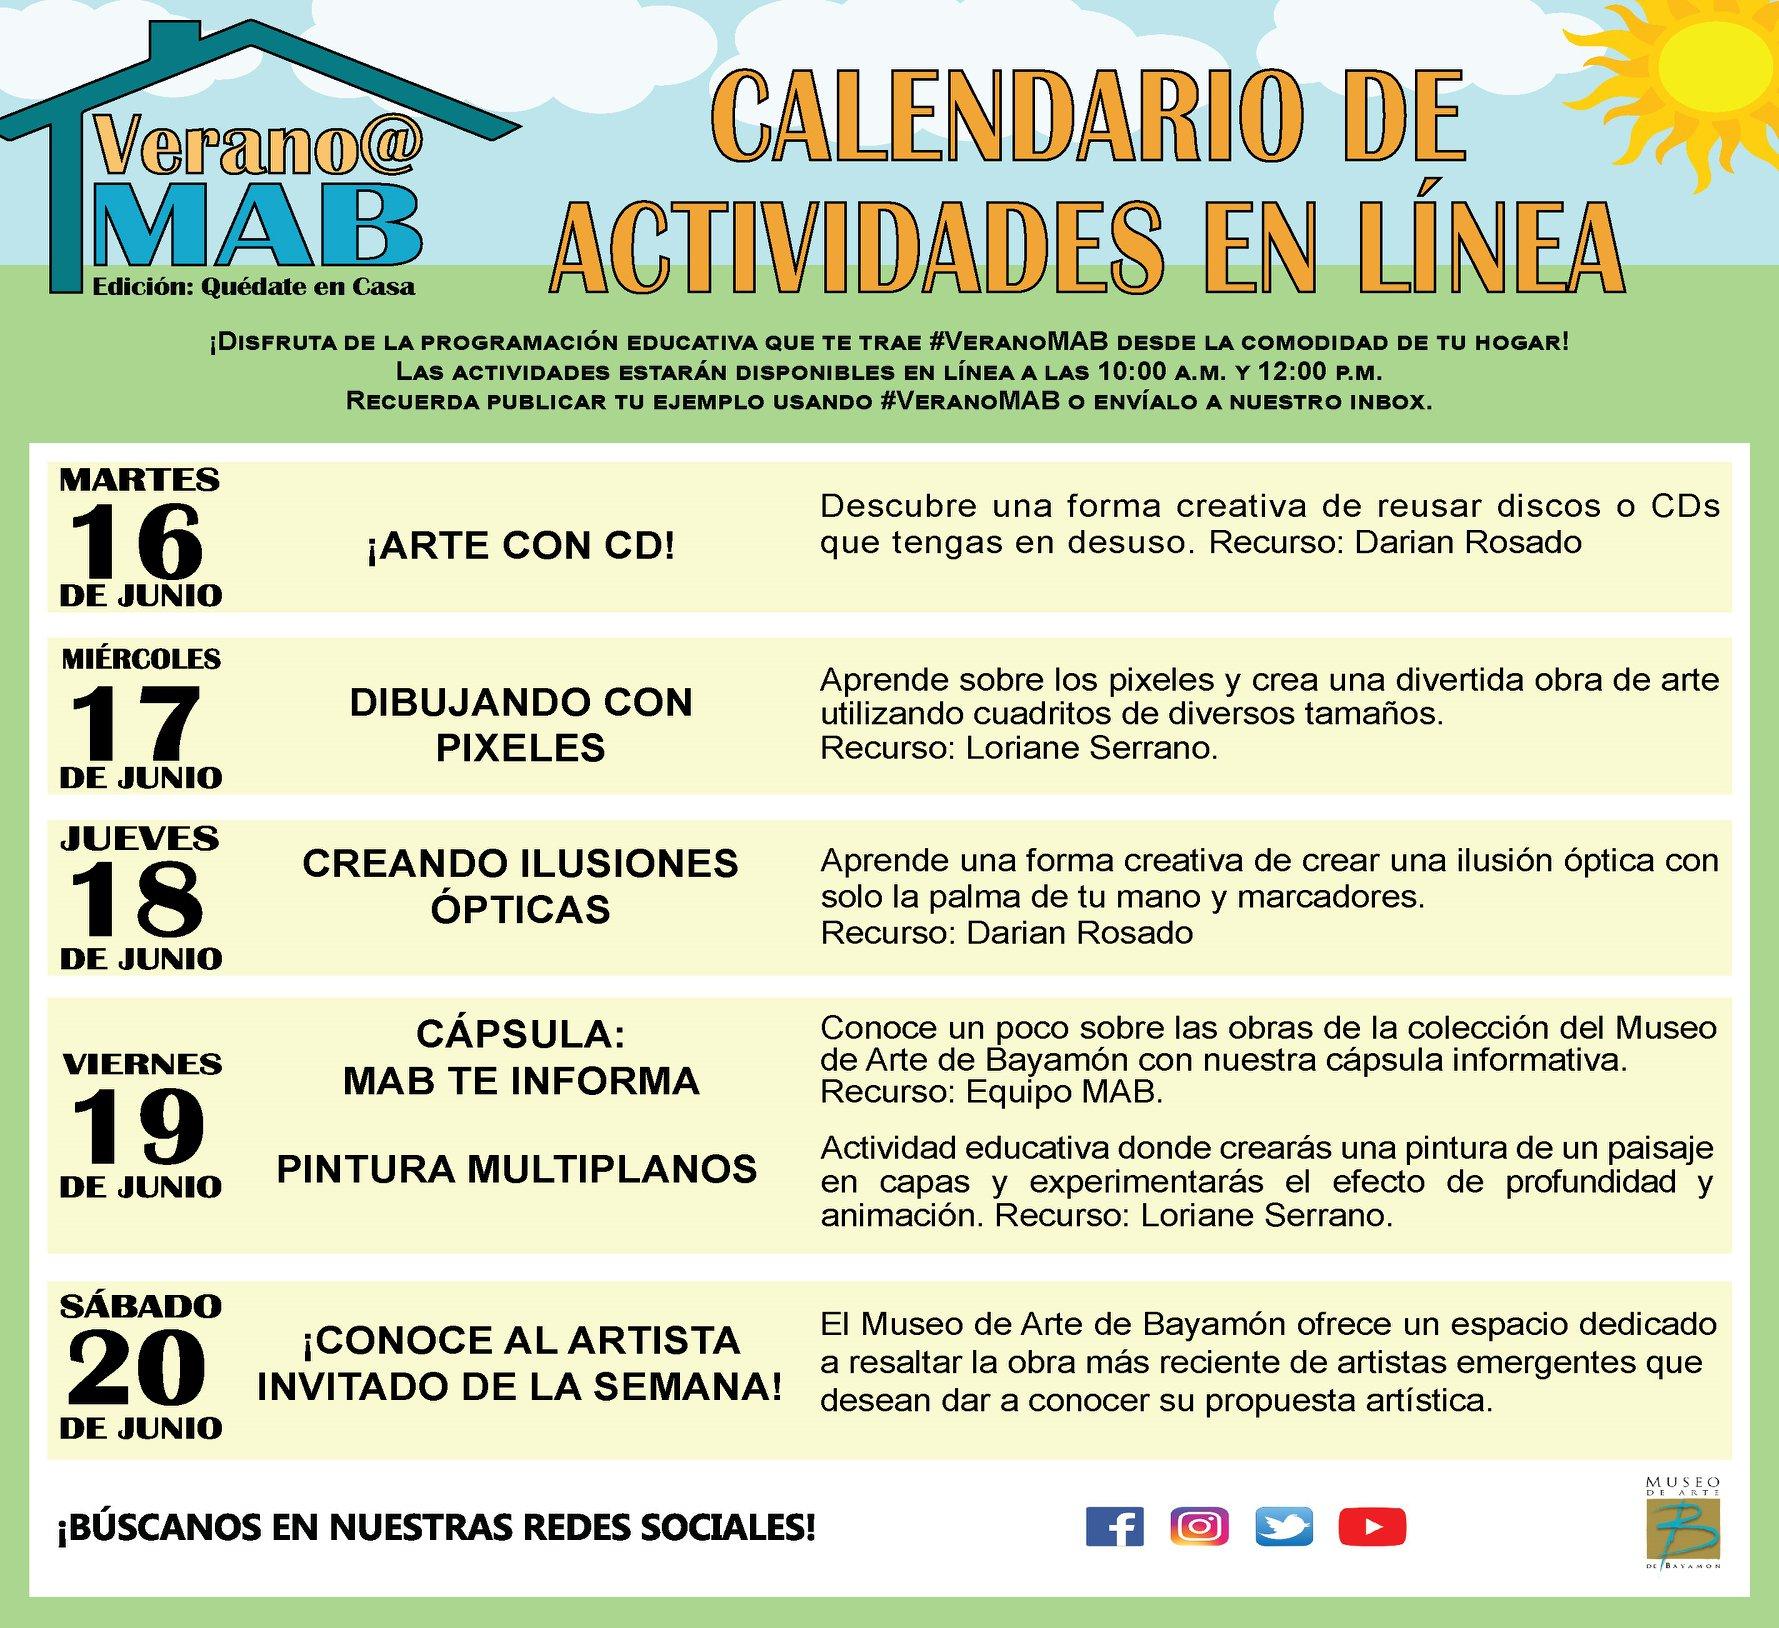 Calendario de Actividades en Linea del 16 al 20 de junio